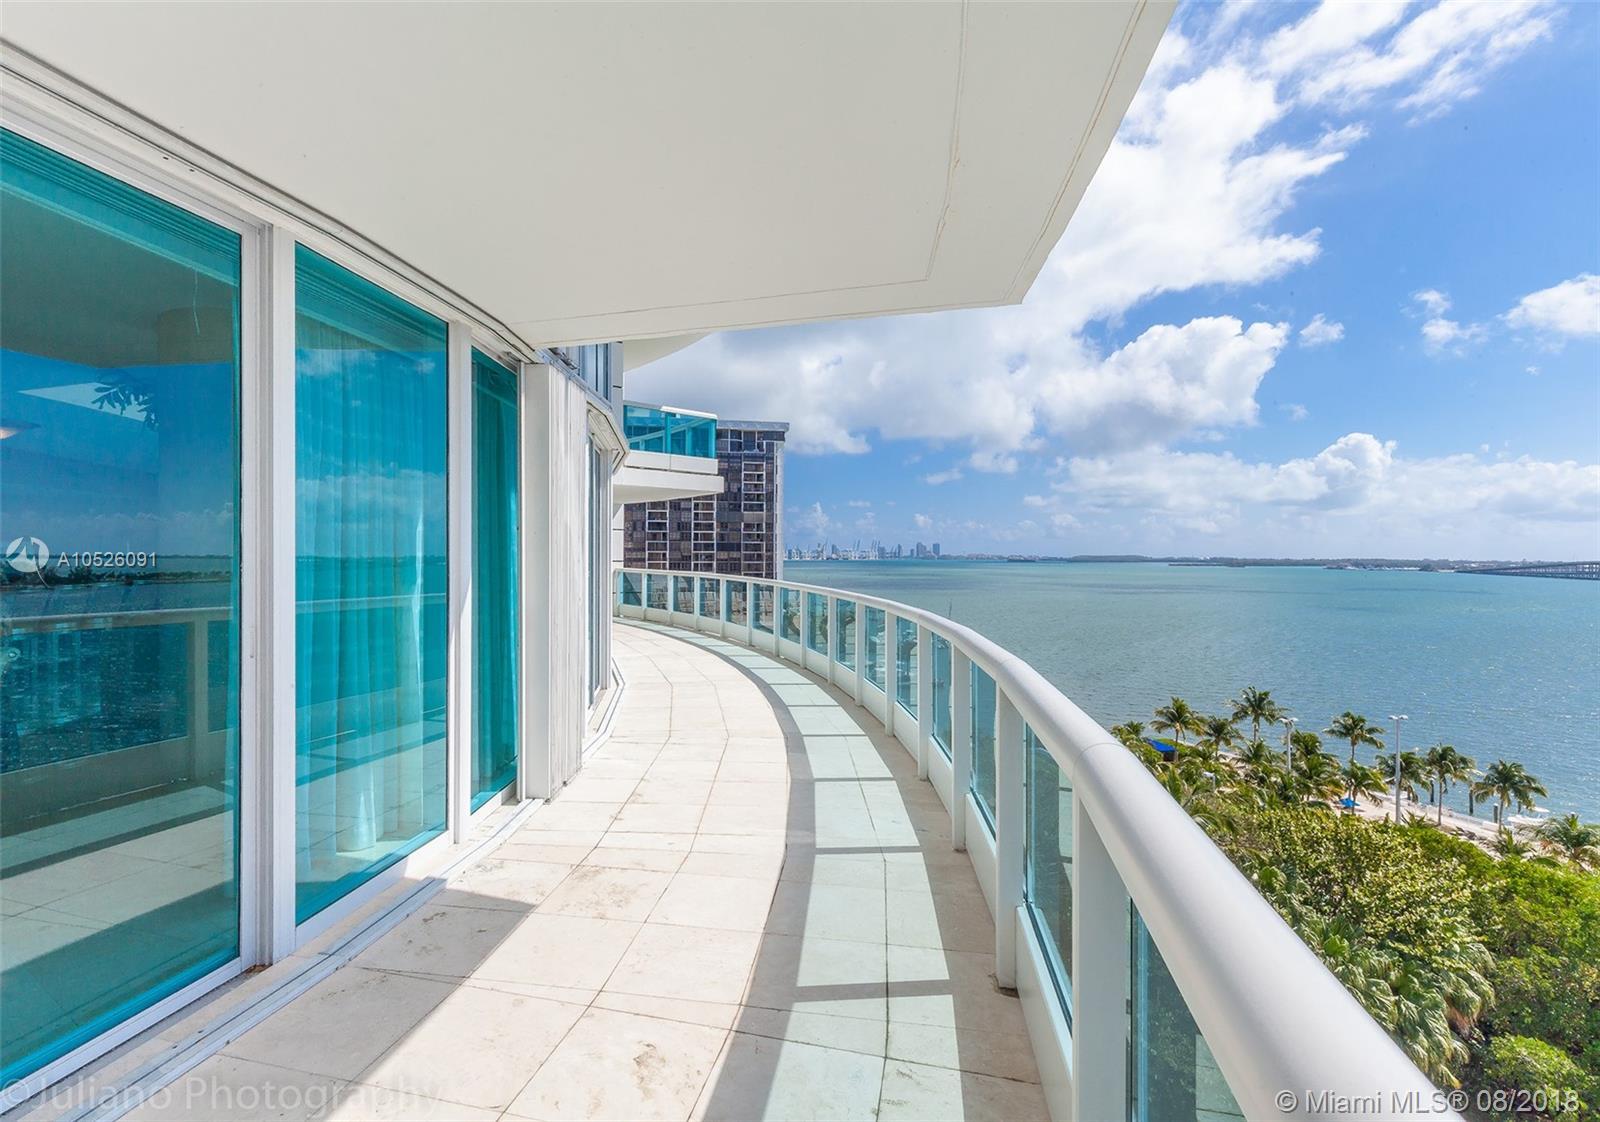 2127 Brickell Avenue, Miami, FL 33129, Bristol Tower Condominium #1103, Brickell, Miami A10526091 image #1